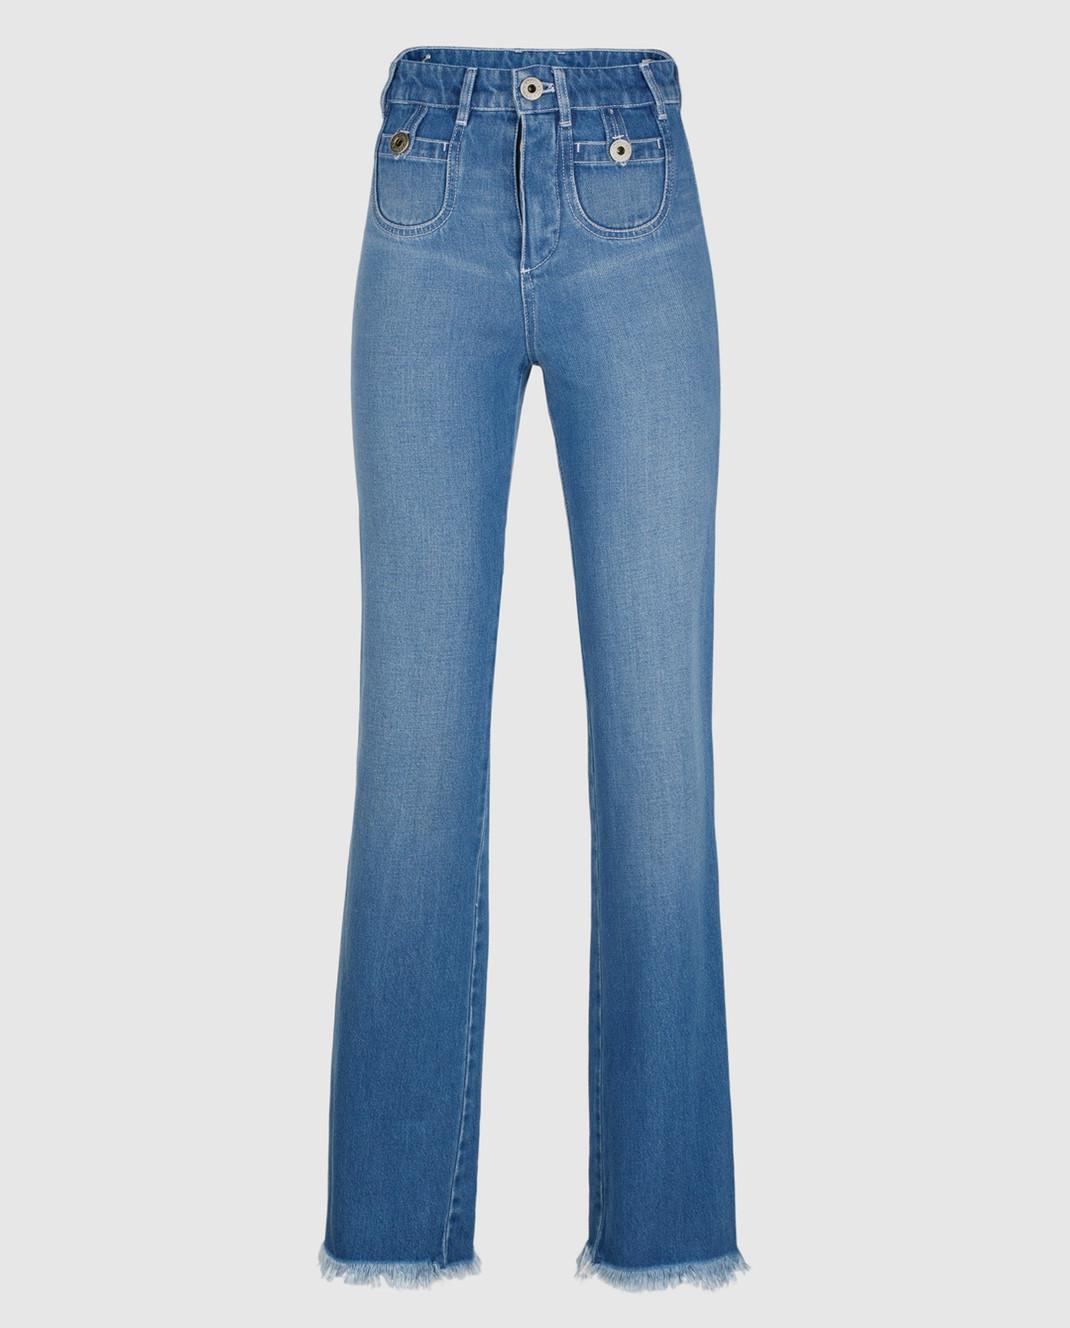 Chloe Голубые джинсы изображение 1